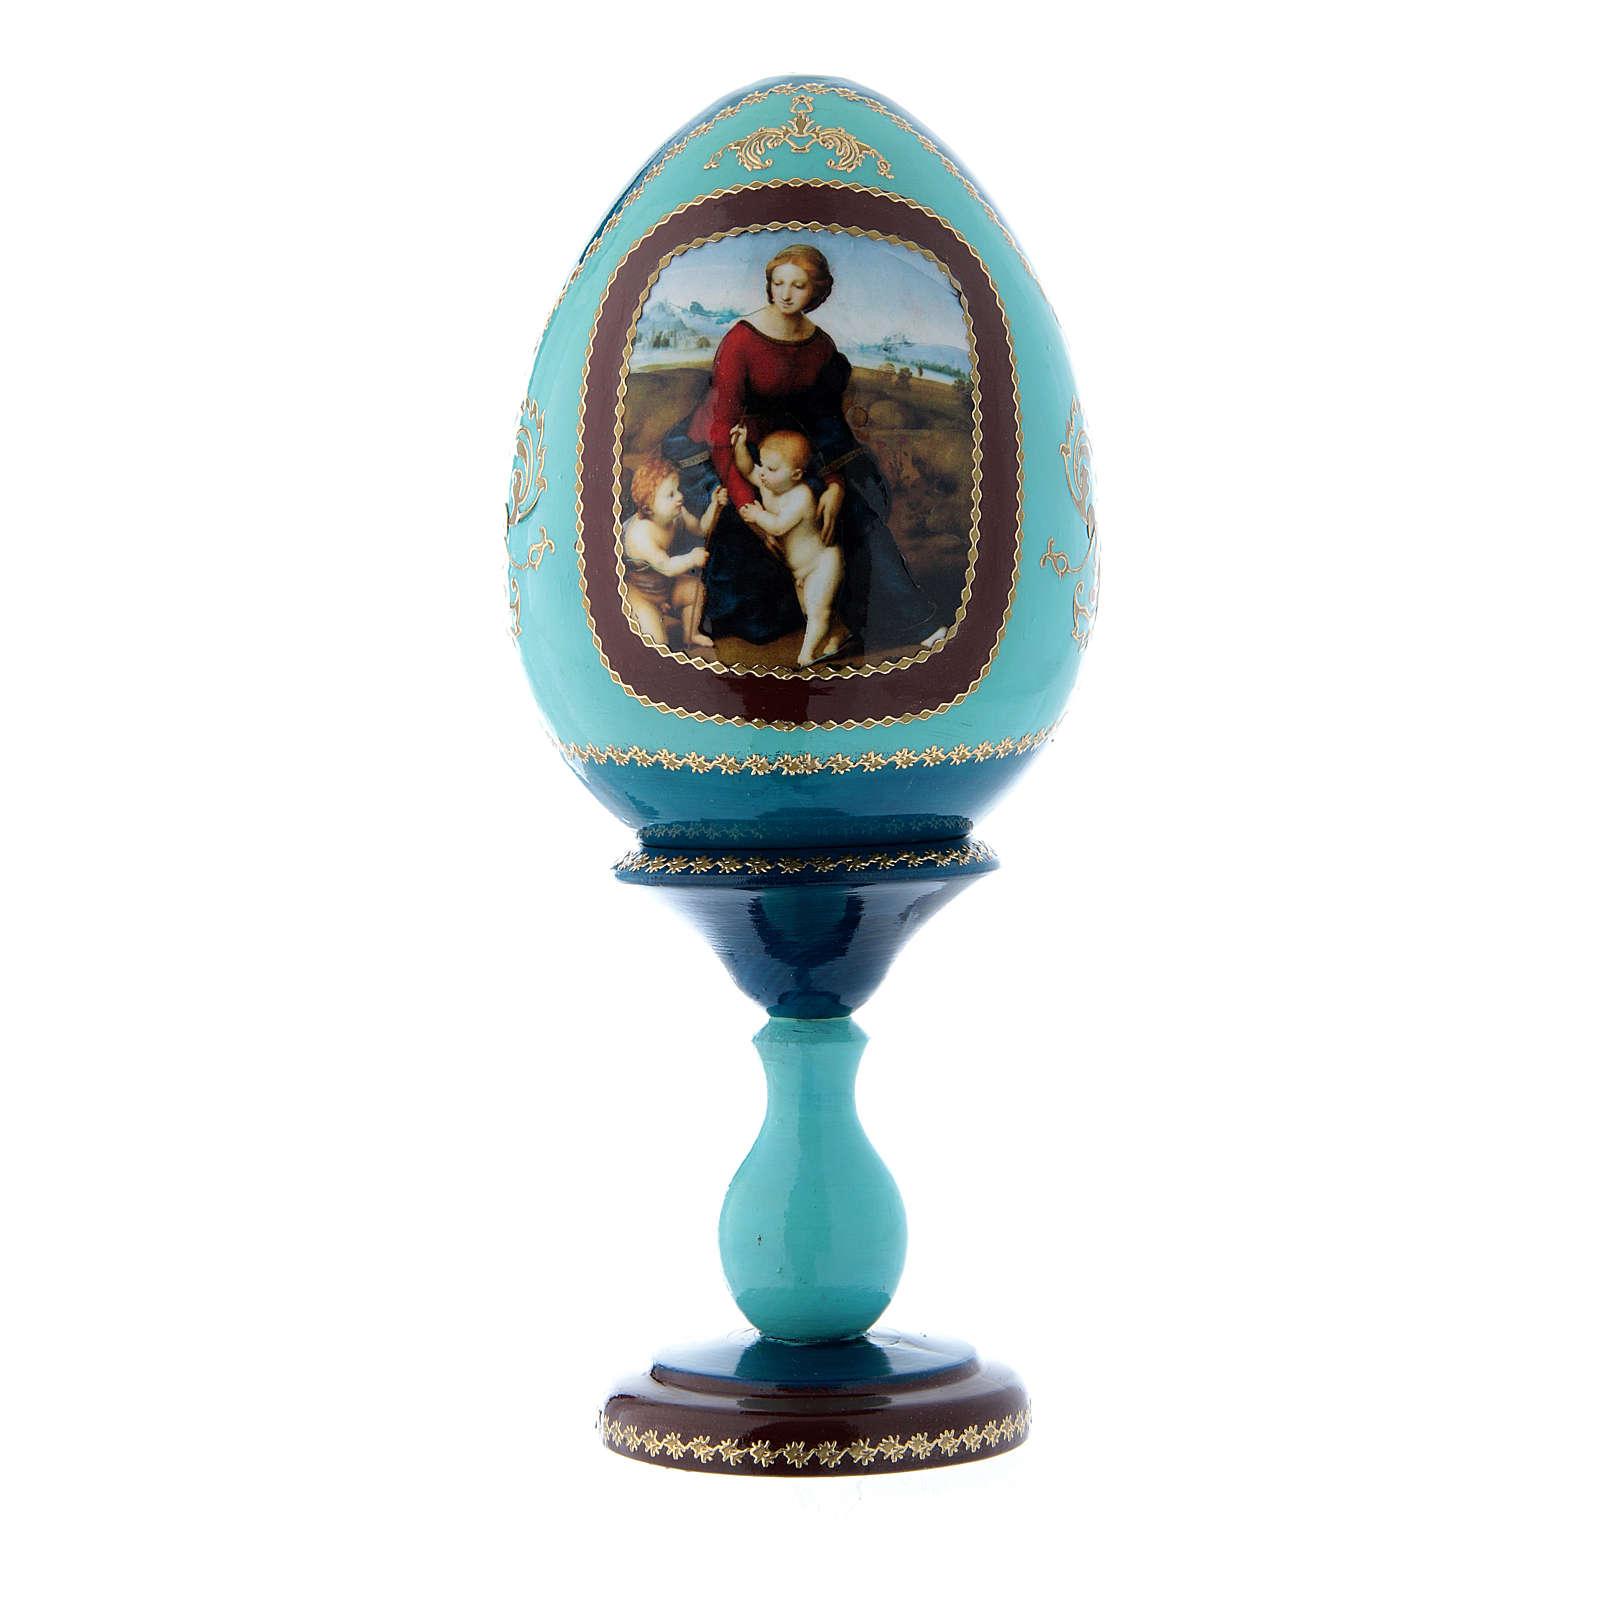 Oeuf La Madone à la prairie bleu style Fabergé russe en bois décoré main h tot 20 cm 4